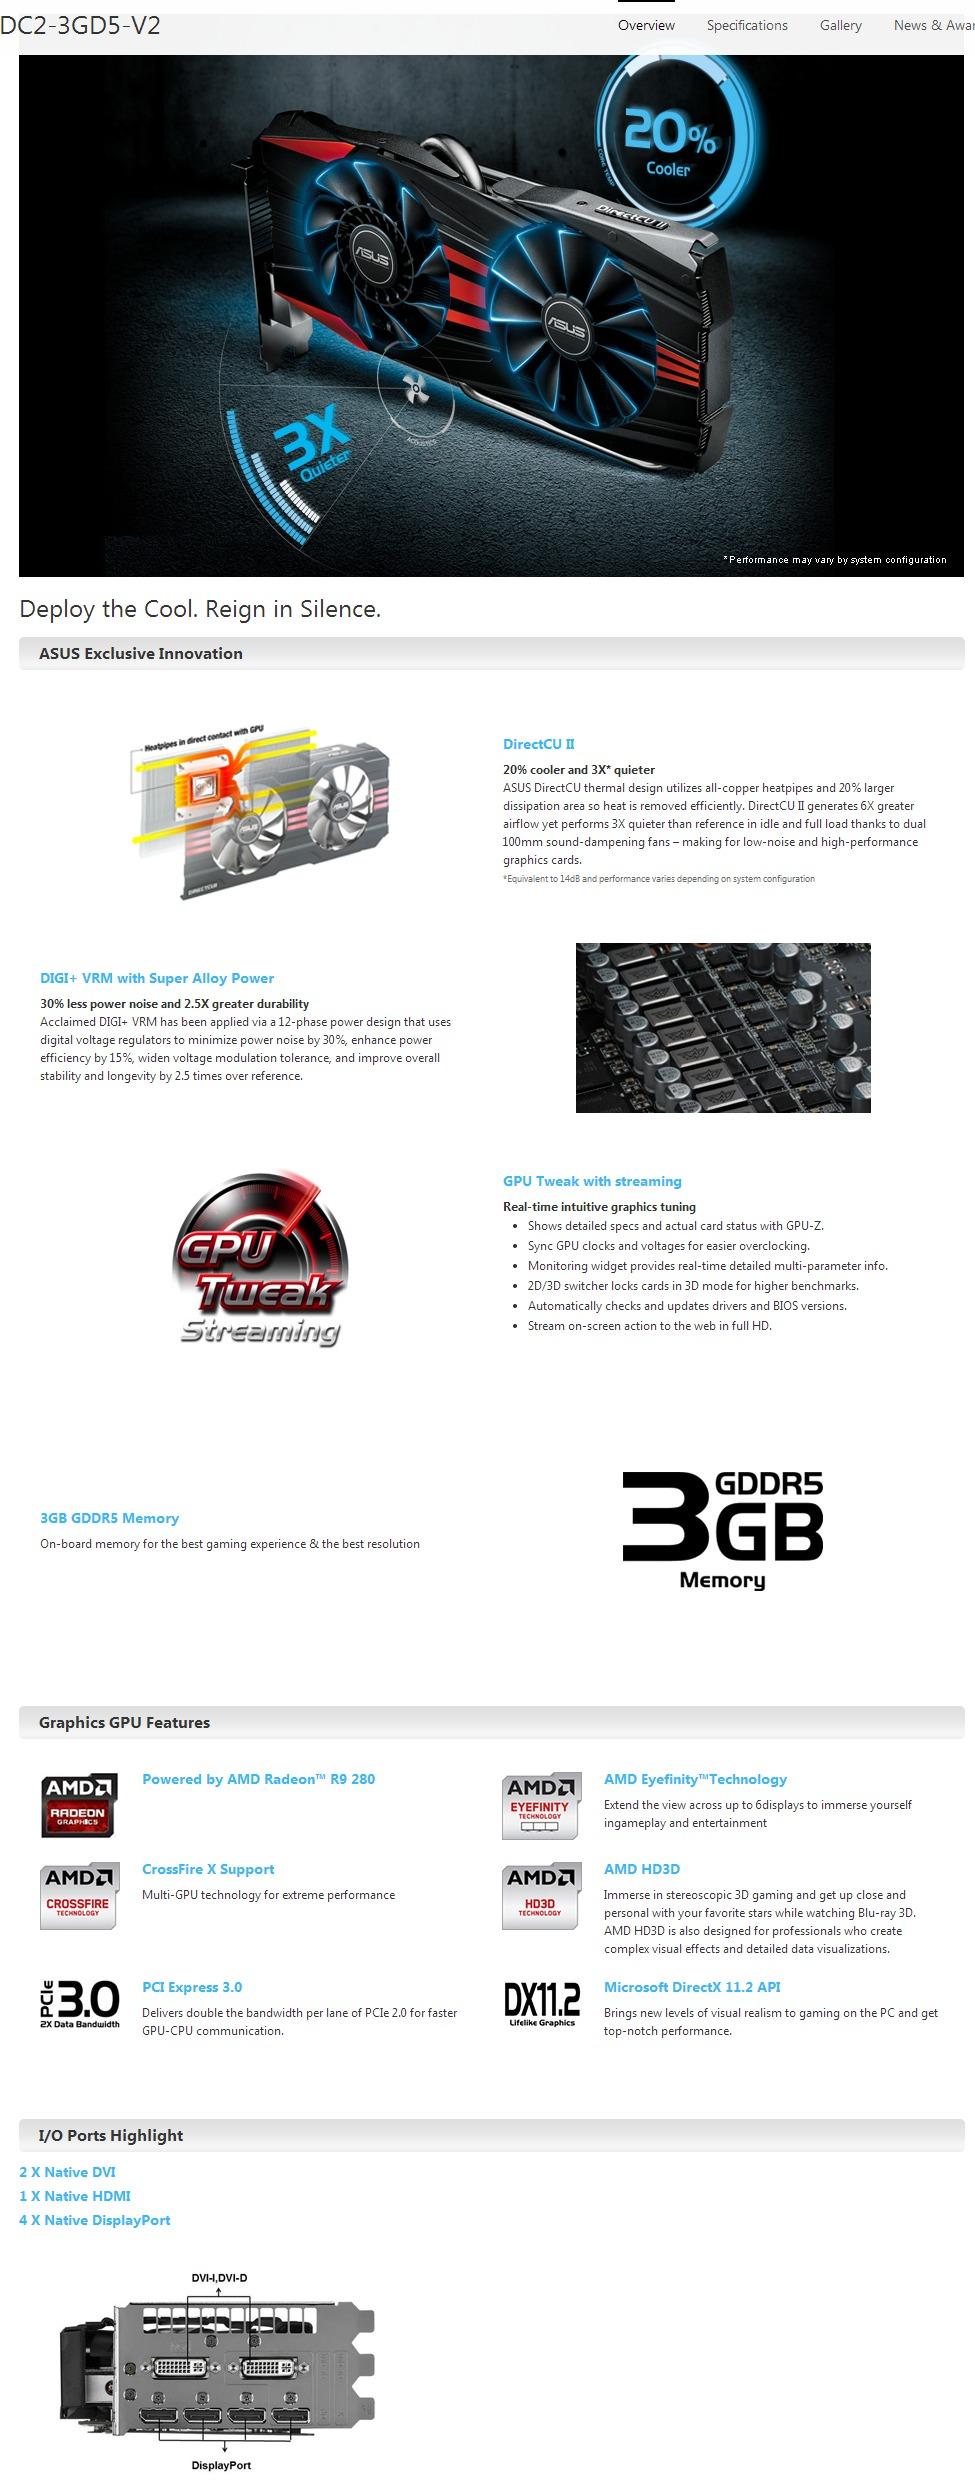 ASUS R9 280X DC 2 V2 PCI-E 3 0 3GB GDDR5, 2 x DVI/ 4 x DP/ HDMI, DX11 - 6  Monitors supporte